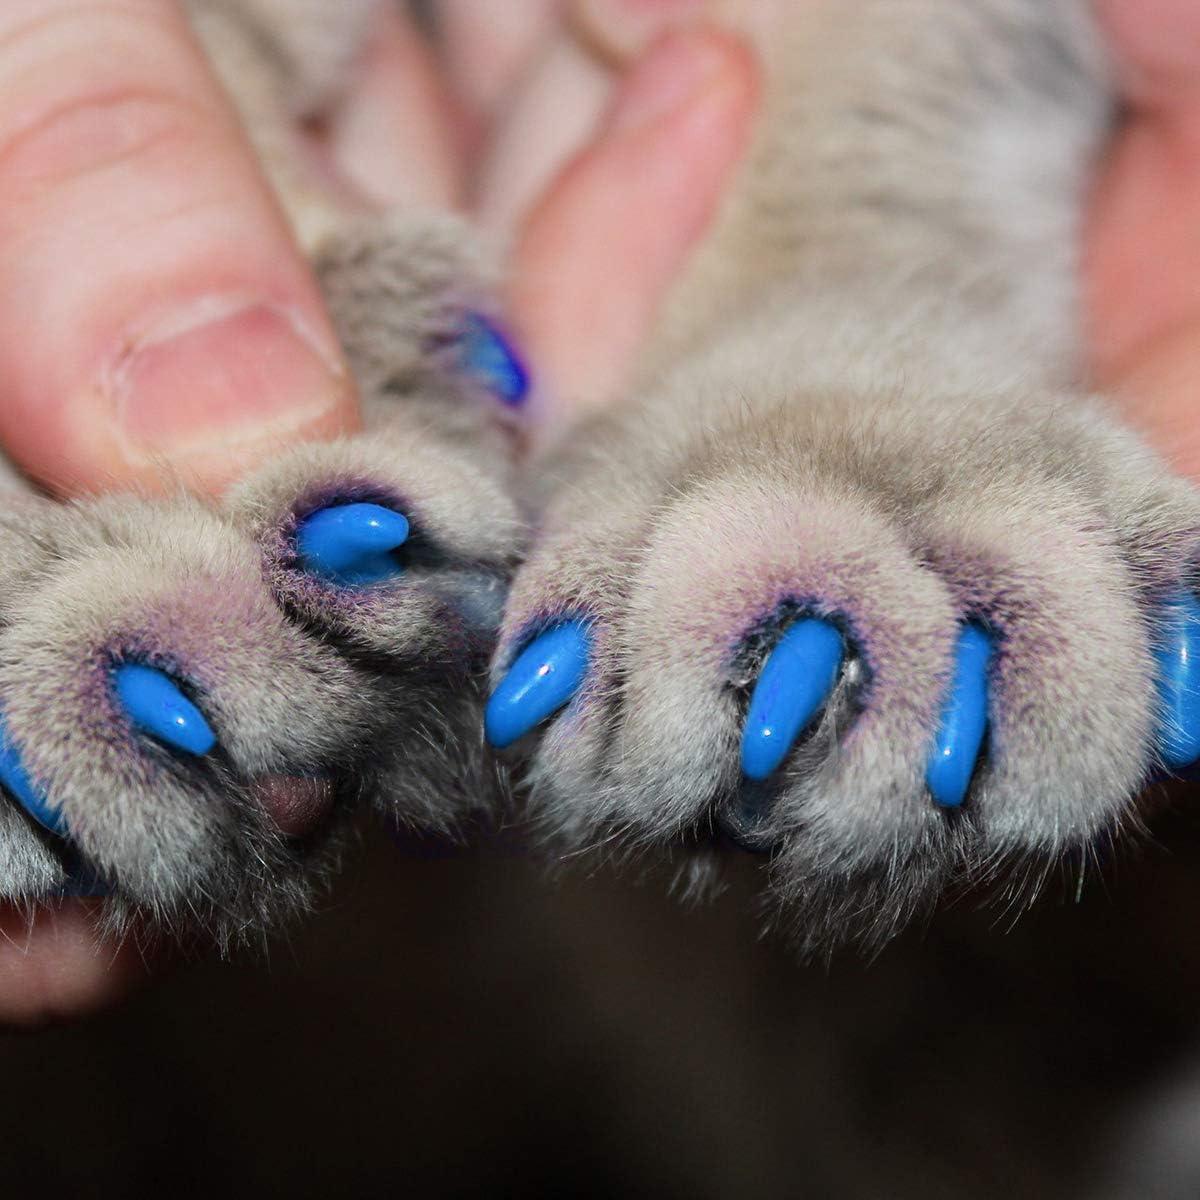 POPETPOP Cubiertas de uñas para Gatos con pegamento-40 Cubiertas de uña de Gato de Silicona Premium para Gatitos: Patas Blandas Capas de uñas de Gato XS y 2 pegamentos Adhesivos + 2